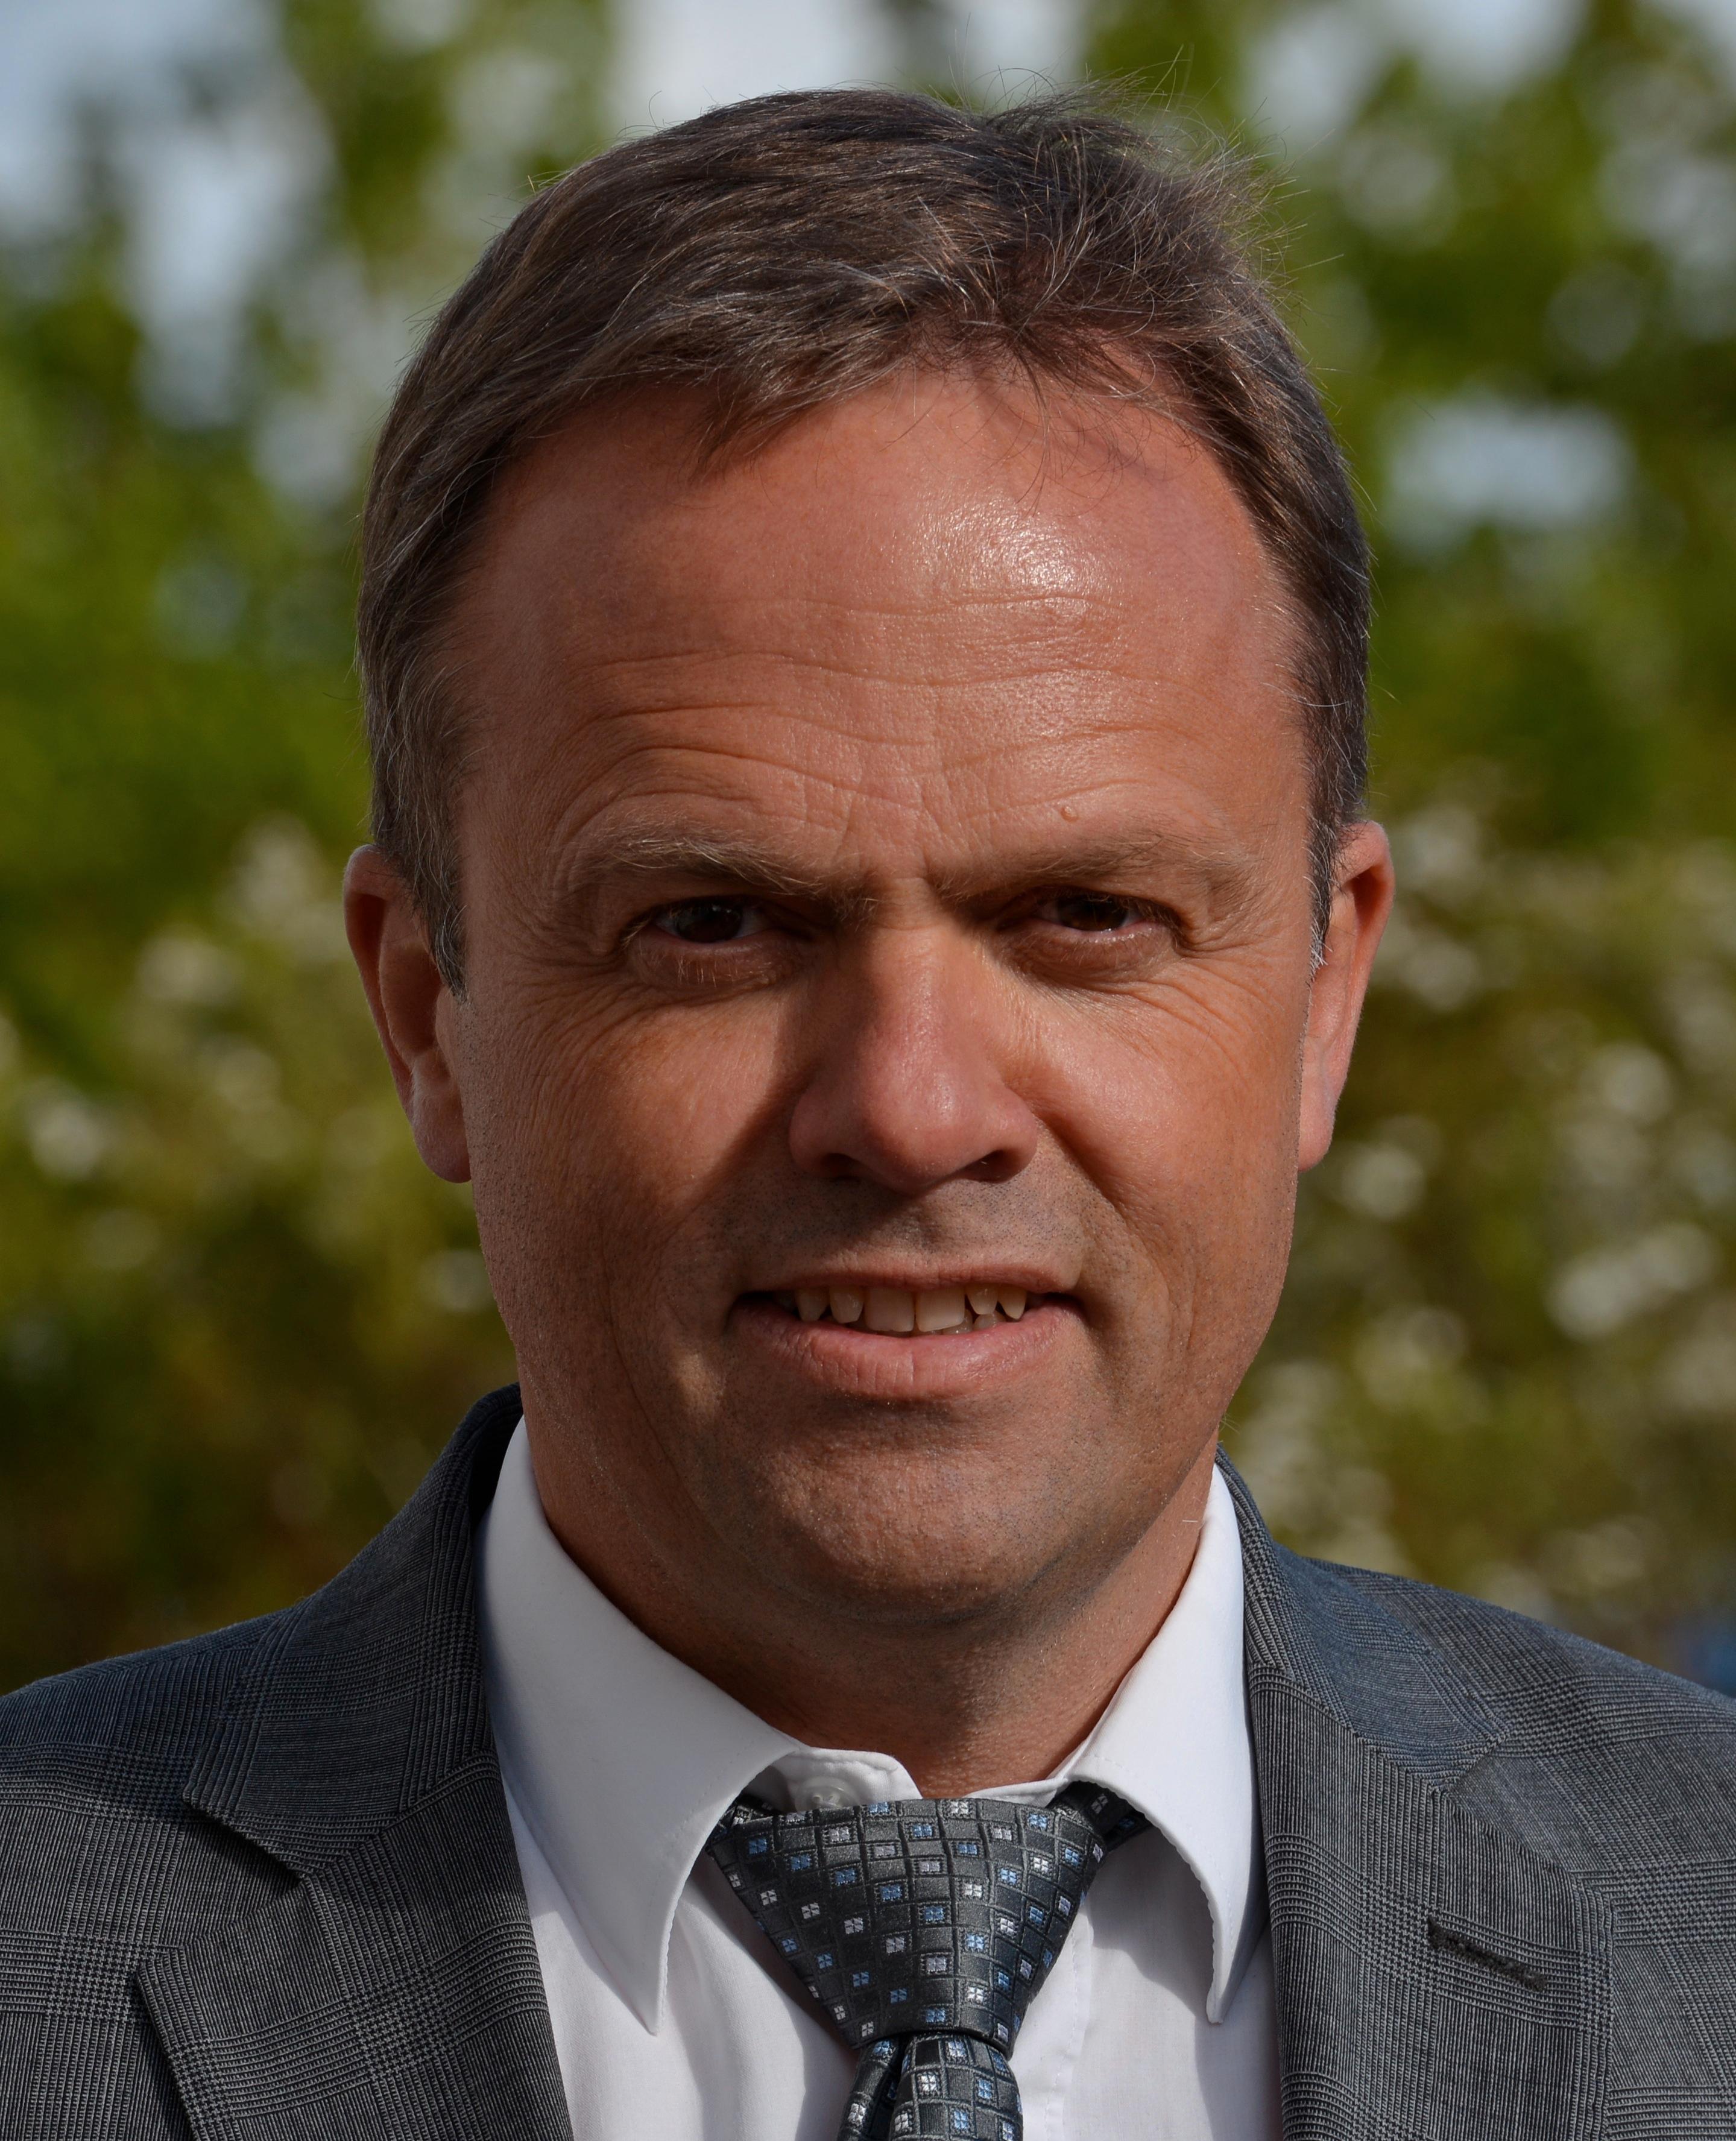 Administrerende direktør Bjørn Olstad ved Microsoft Development Center Norway (MDCN).Foto: Microsoft